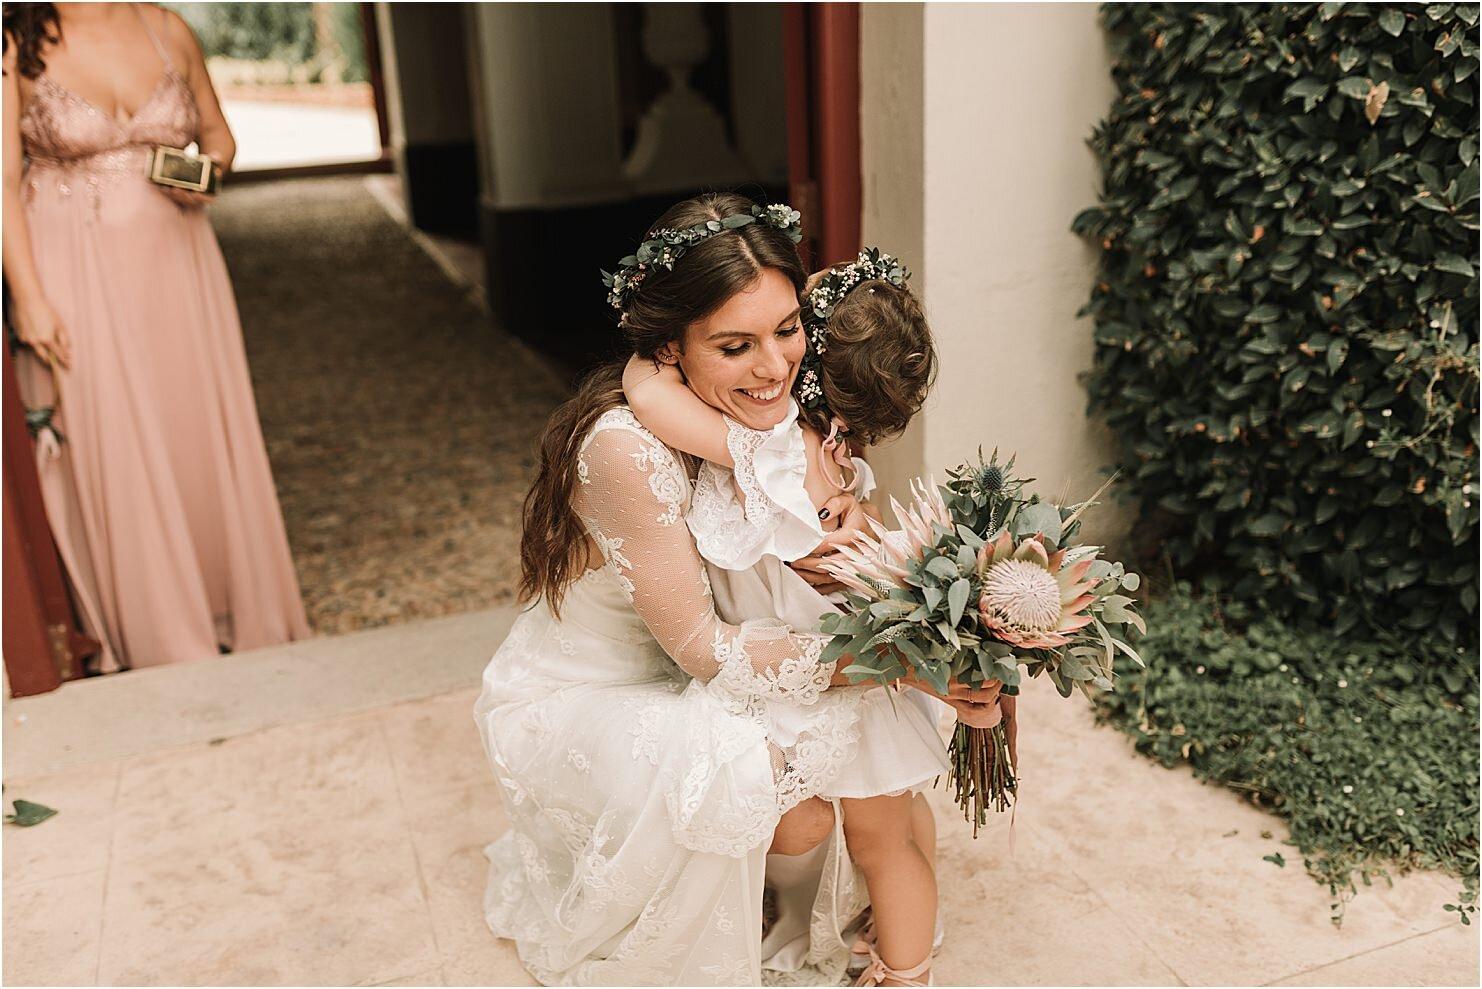 boda-boho-vestido-de-novia-boho-47.jpg